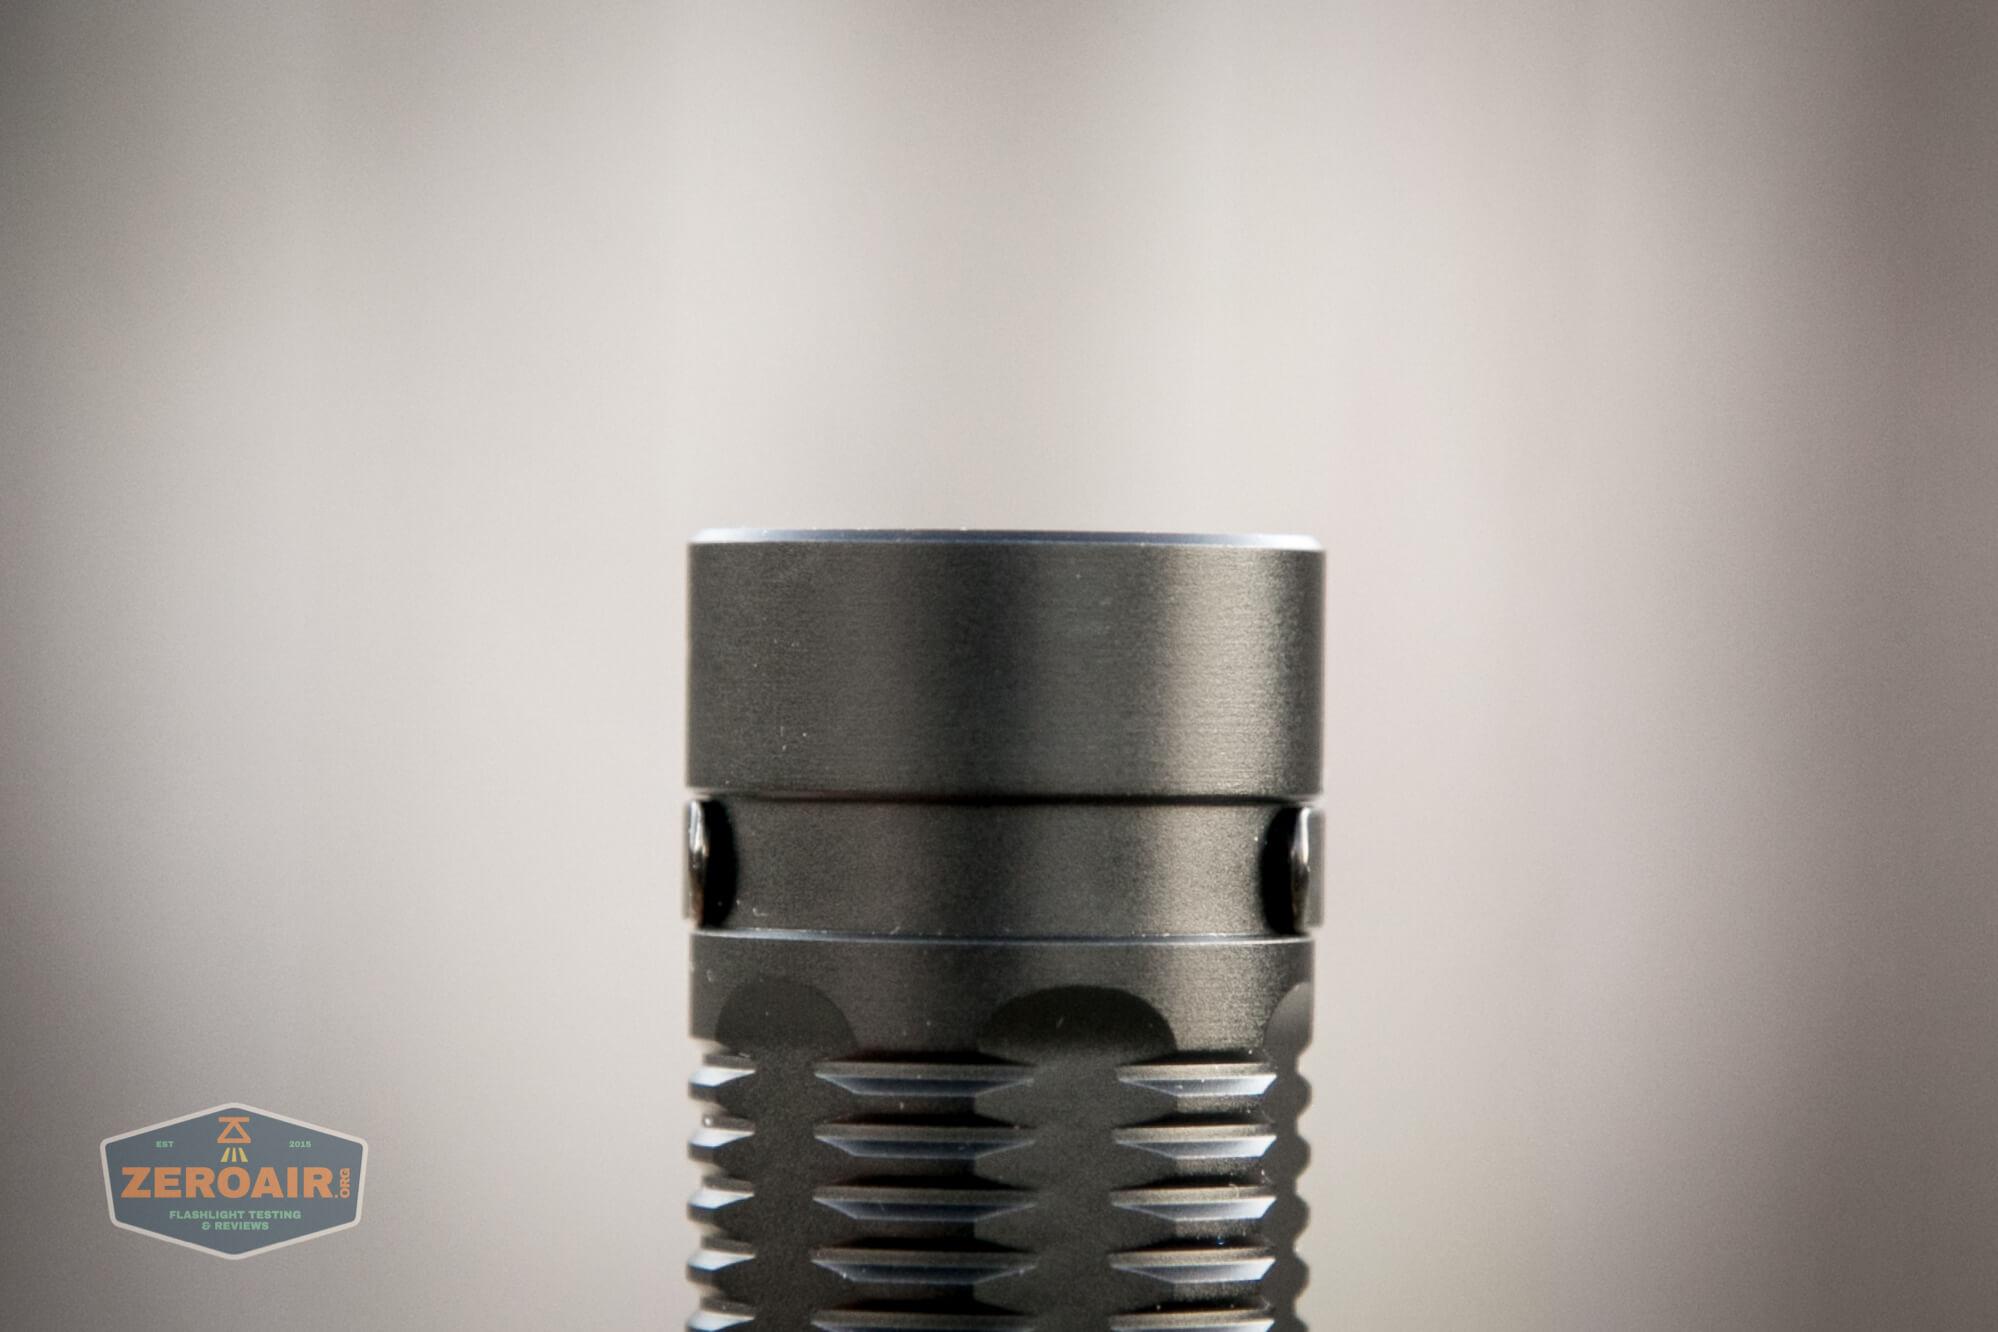 klarus g25 21700 cree xhp70.2 flashlight pocket clip friction fit